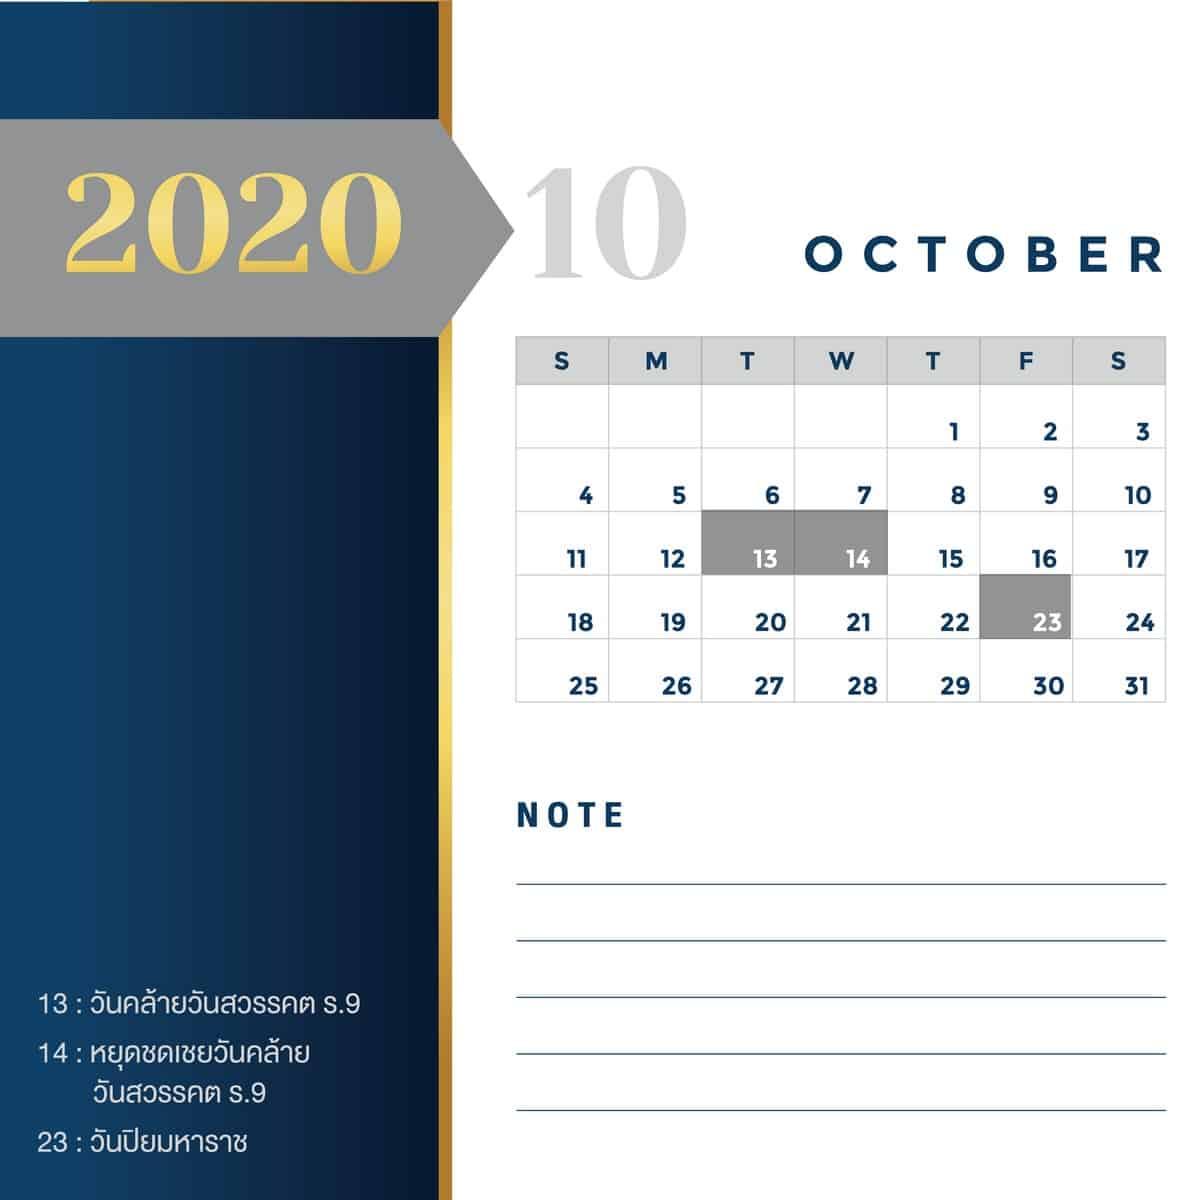 Calendar Miw Services-10